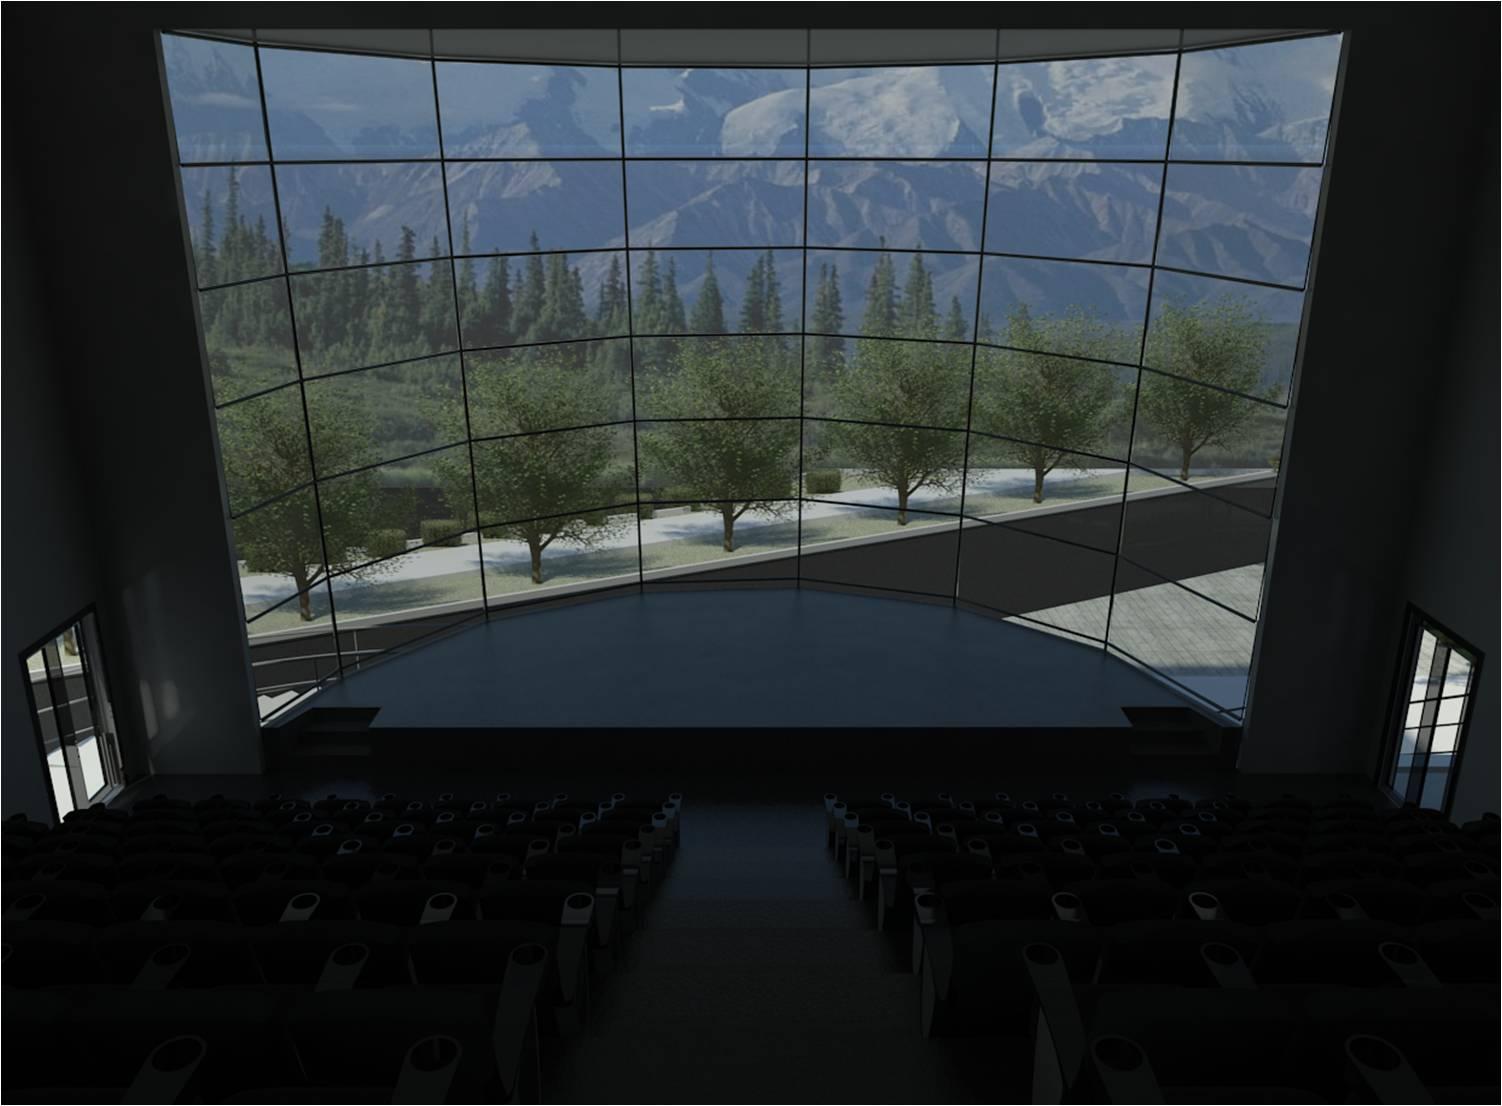 Le danny atelier proyecto escuela de arquitectura upeu - Escuela de arquitectura de valladolid ...